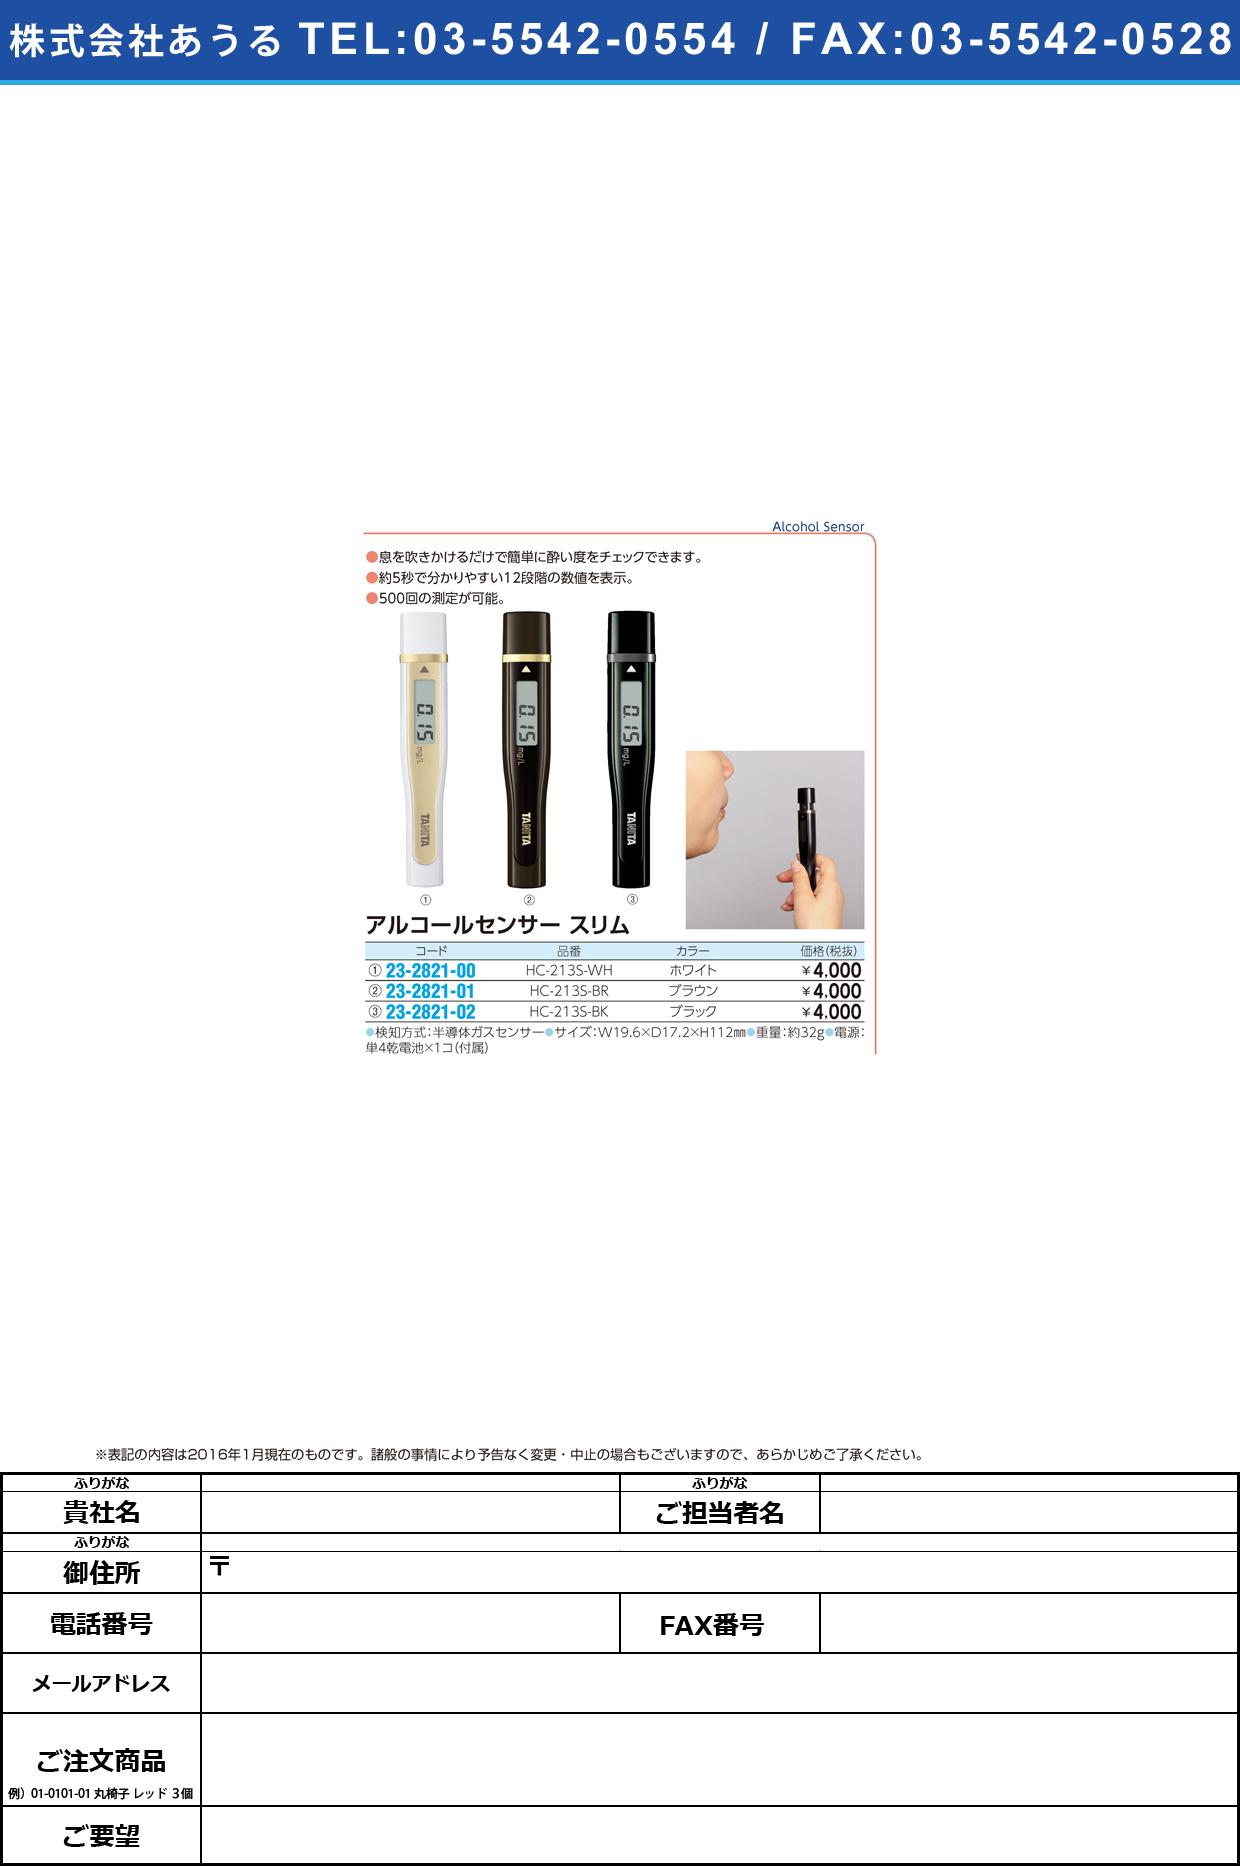 アルコールセンサー スリム アルコールセンサースリム HC-213S-BK(ブラック)【1台単位】【2016年カタログ商品】